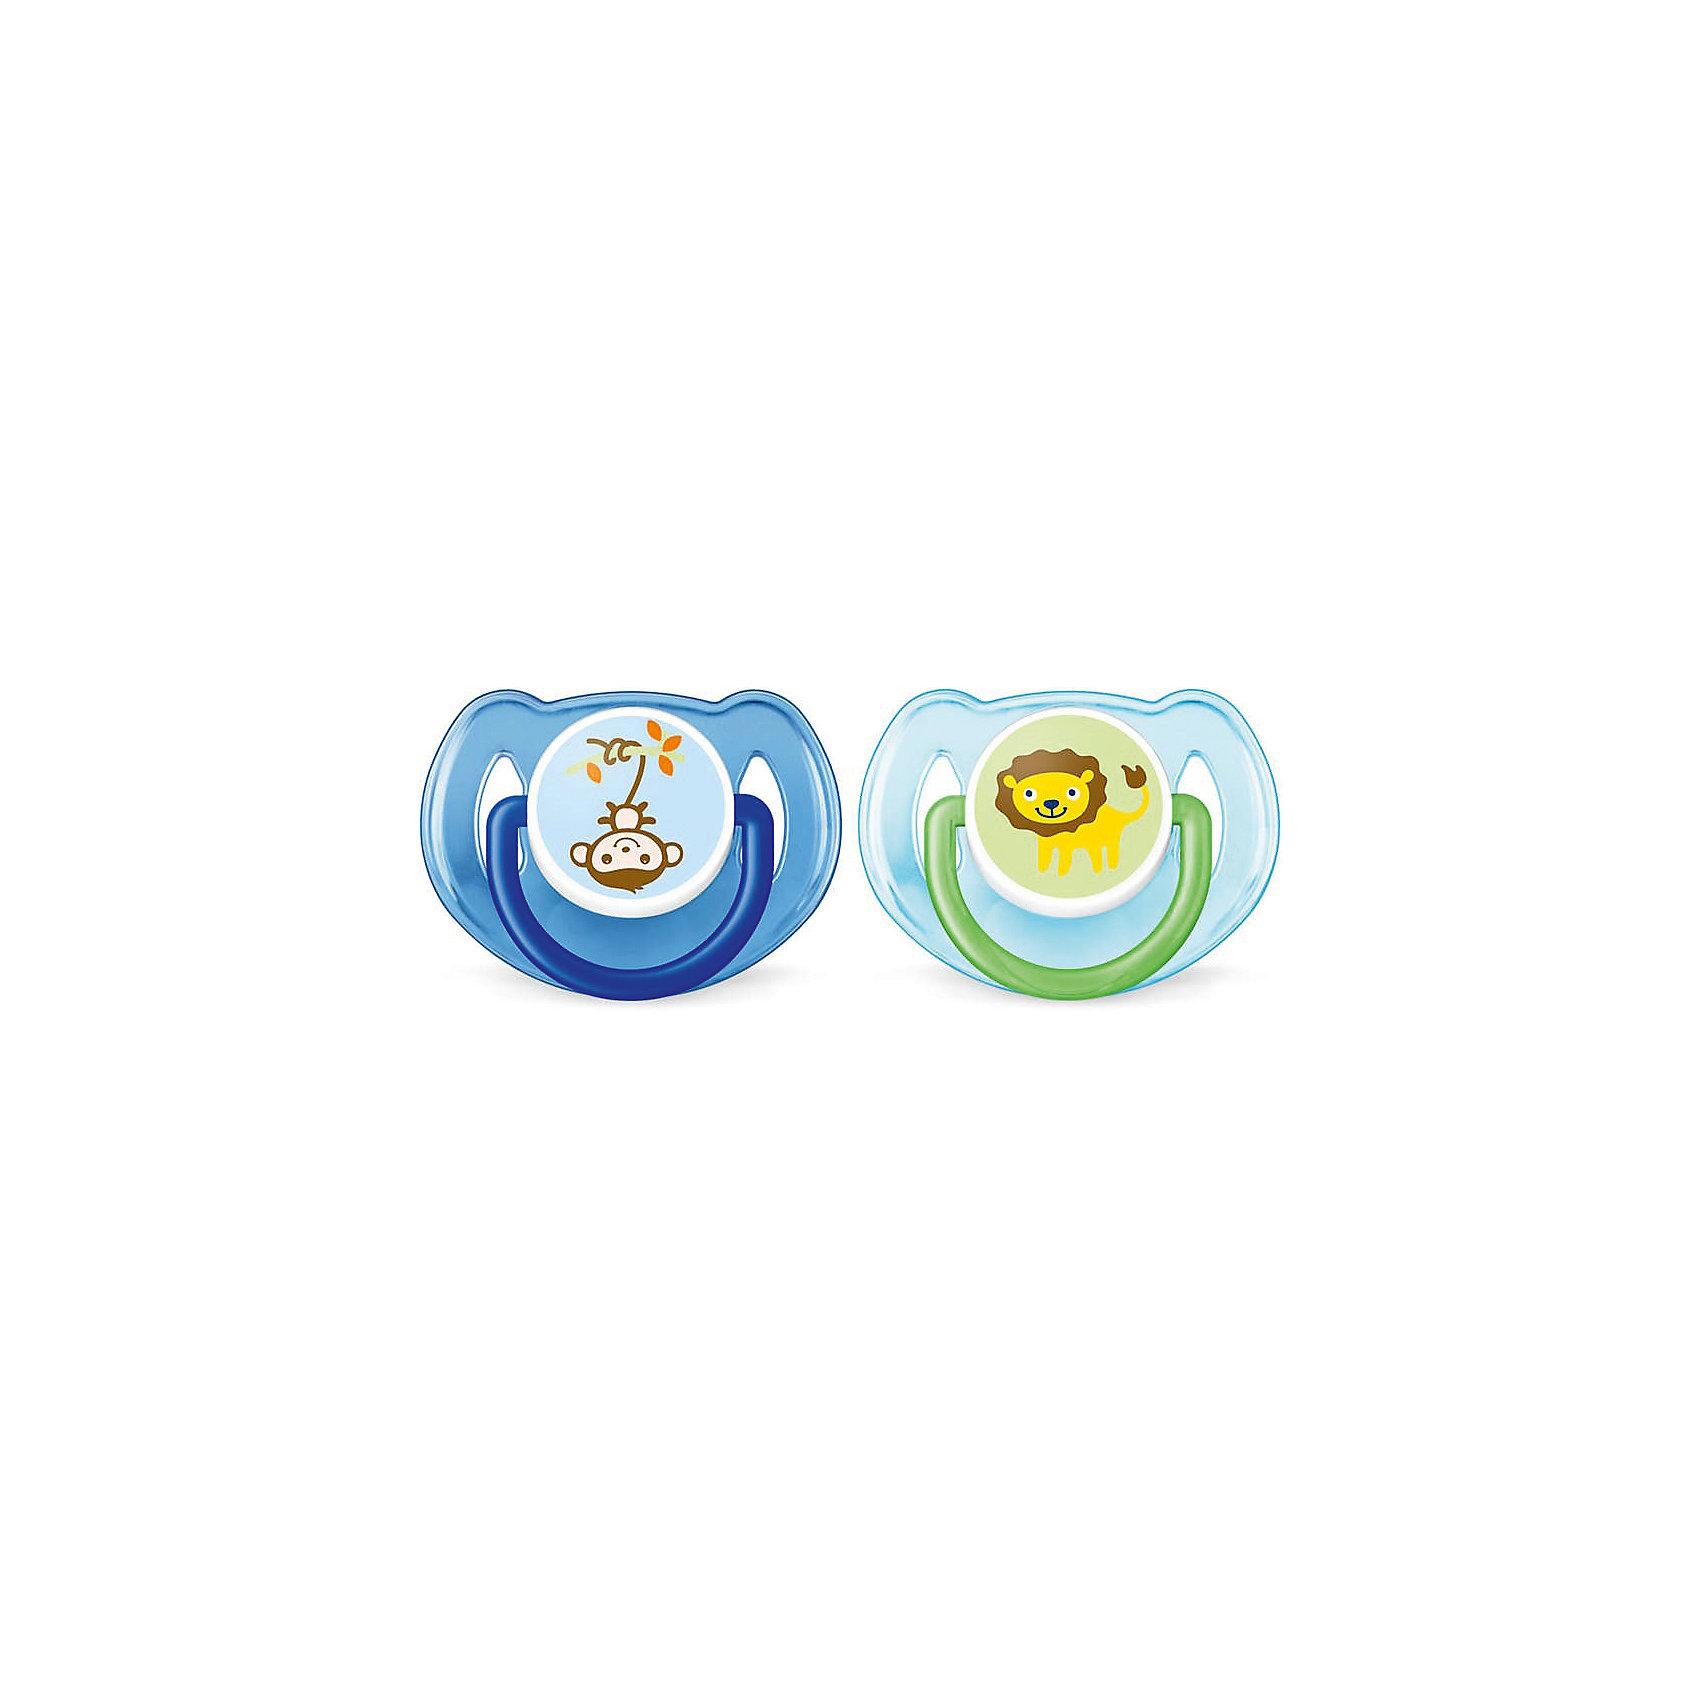 Силиконова пустышка Classic, 6-18 мес., 2 шт., Philips Avent, синий/голубой (SCF197/22)Силиконовая пустышка Classic, 6-18 мес., 2 шт., Philips Avent, синяя/голубая (SCF197/22).<br><br>Характеристика:<br><br>• Материал: силикон, пластик.    <br>• Возраст ребенка: 6-18 мес. <br>• 2 пустышки в комплекте. <br>• Отверстия для вентиляции на щитке.  <br>• Удобное кольцо на щитке. <br>• Не содержит Бисфенол А.<br>• Устойчивая к прокусыванию. <br>• Мягкая симметричная соска. <br><br>Яркая пустышка Classic от Philips Avent подходит для уже подросших малышей. Мягкая силиконовая соска выполнена с учетом особенностей строения и развития неба, зубов и десен ребенка и устойчива к прокусыванию. Круглое пластиковое основание оснащено отверстиями для вентиляции, предотвращающими раздражение нежной кожи крохи. Пустышка изготовлена из высококачественных нетоксичных материалов, в производстве которых не используется Бисфенол А.<br><br>Силиконовую пустышку Classic, 6-18 мес., 2 шт., Philips Avent, синюю/голубую (SCF197/22), можно купить в нашем интернет-магазине.<br><br>Ширина мм: 48<br>Глубина мм: 104<br>Высота мм: 115<br>Вес г: 58<br>Возраст от месяцев: 6<br>Возраст до месяцев: 18<br>Пол: Мужской<br>Возраст: Детский<br>SKU: 5253035